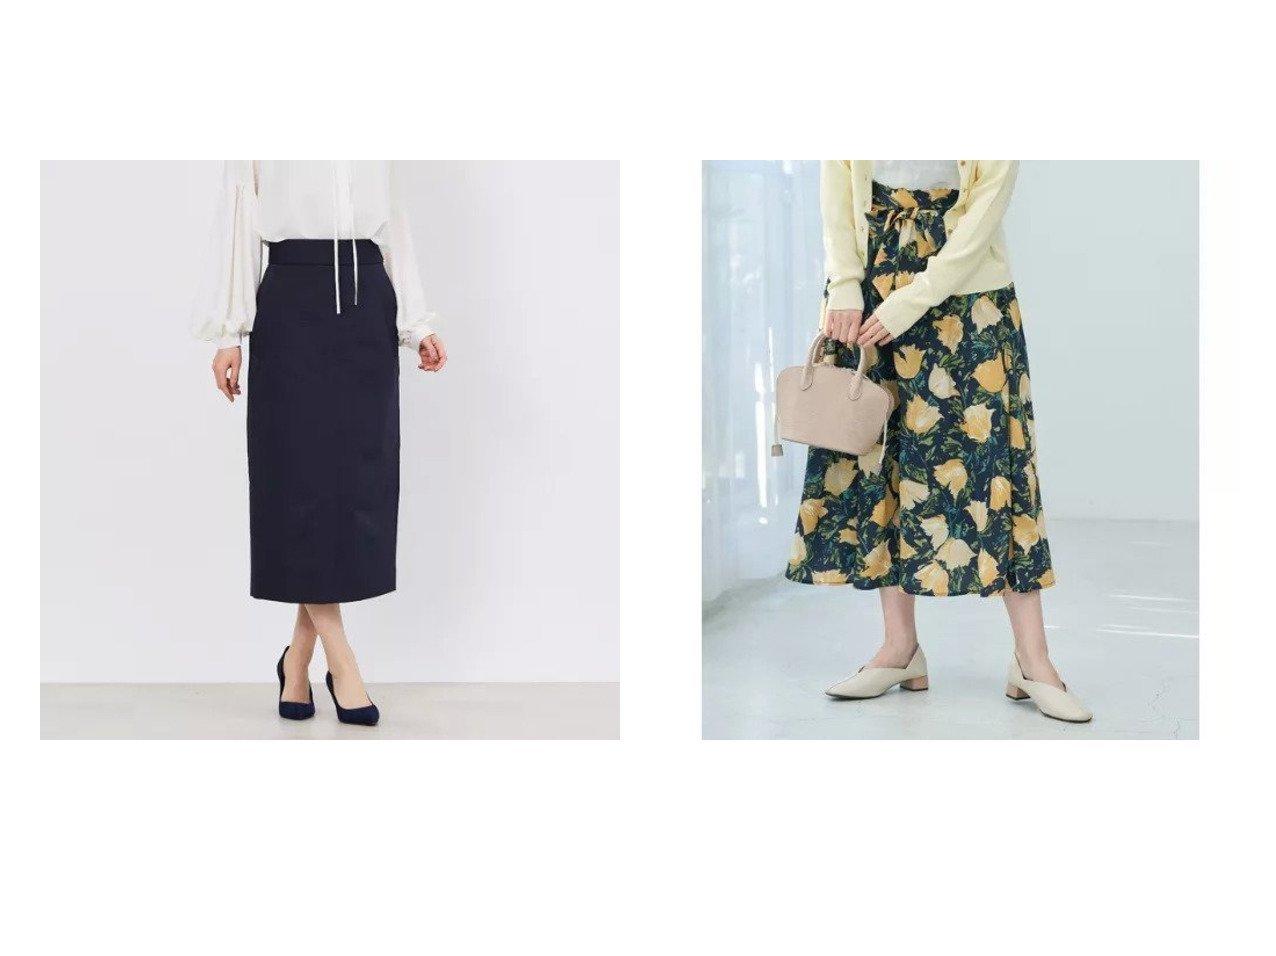 【Rope Picnic/ロペピクニック】の【リンクコーデ】BIGフラワーフレアスカート&【DESIGN WORKS/デザイン ワークス】のグログランタイトSK スカートのおすすめ!人気、トレンド・レディースファッションの通販 おすすめで人気の流行・トレンド、ファッションの通販商品 メンズファッション・キッズファッション・インテリア・家具・レディースファッション・服の通販 founy(ファニー) https://founy.com/ ファッション Fashion レディースファッション WOMEN スカート Skirt Aライン/フレアスカート Flared A-Line Skirts イエロー スカーフ フラワー ポケット ラベンダー リブニット 春 Spring シンプル スリット マキシ ロング |ID:crp329100000014451